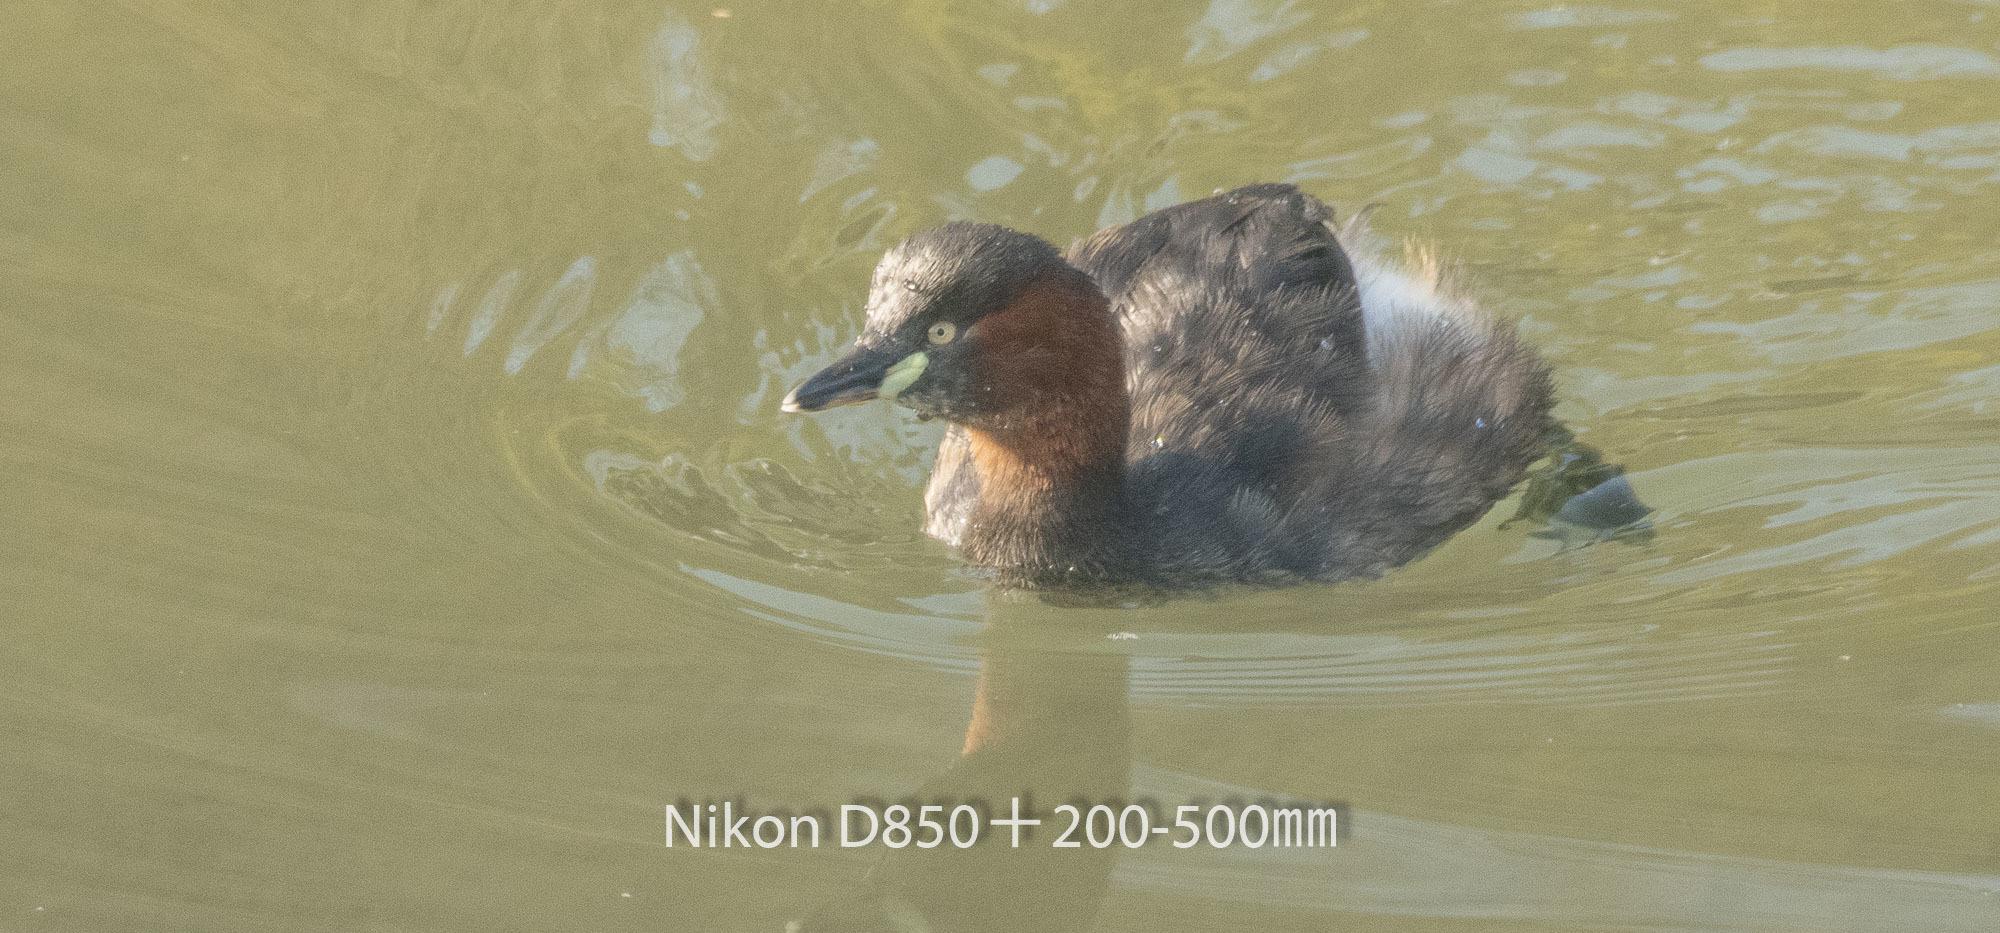 190402 カイツブリ-03 NIKON D850 ISO 1600 500 mm 3004 x 1402